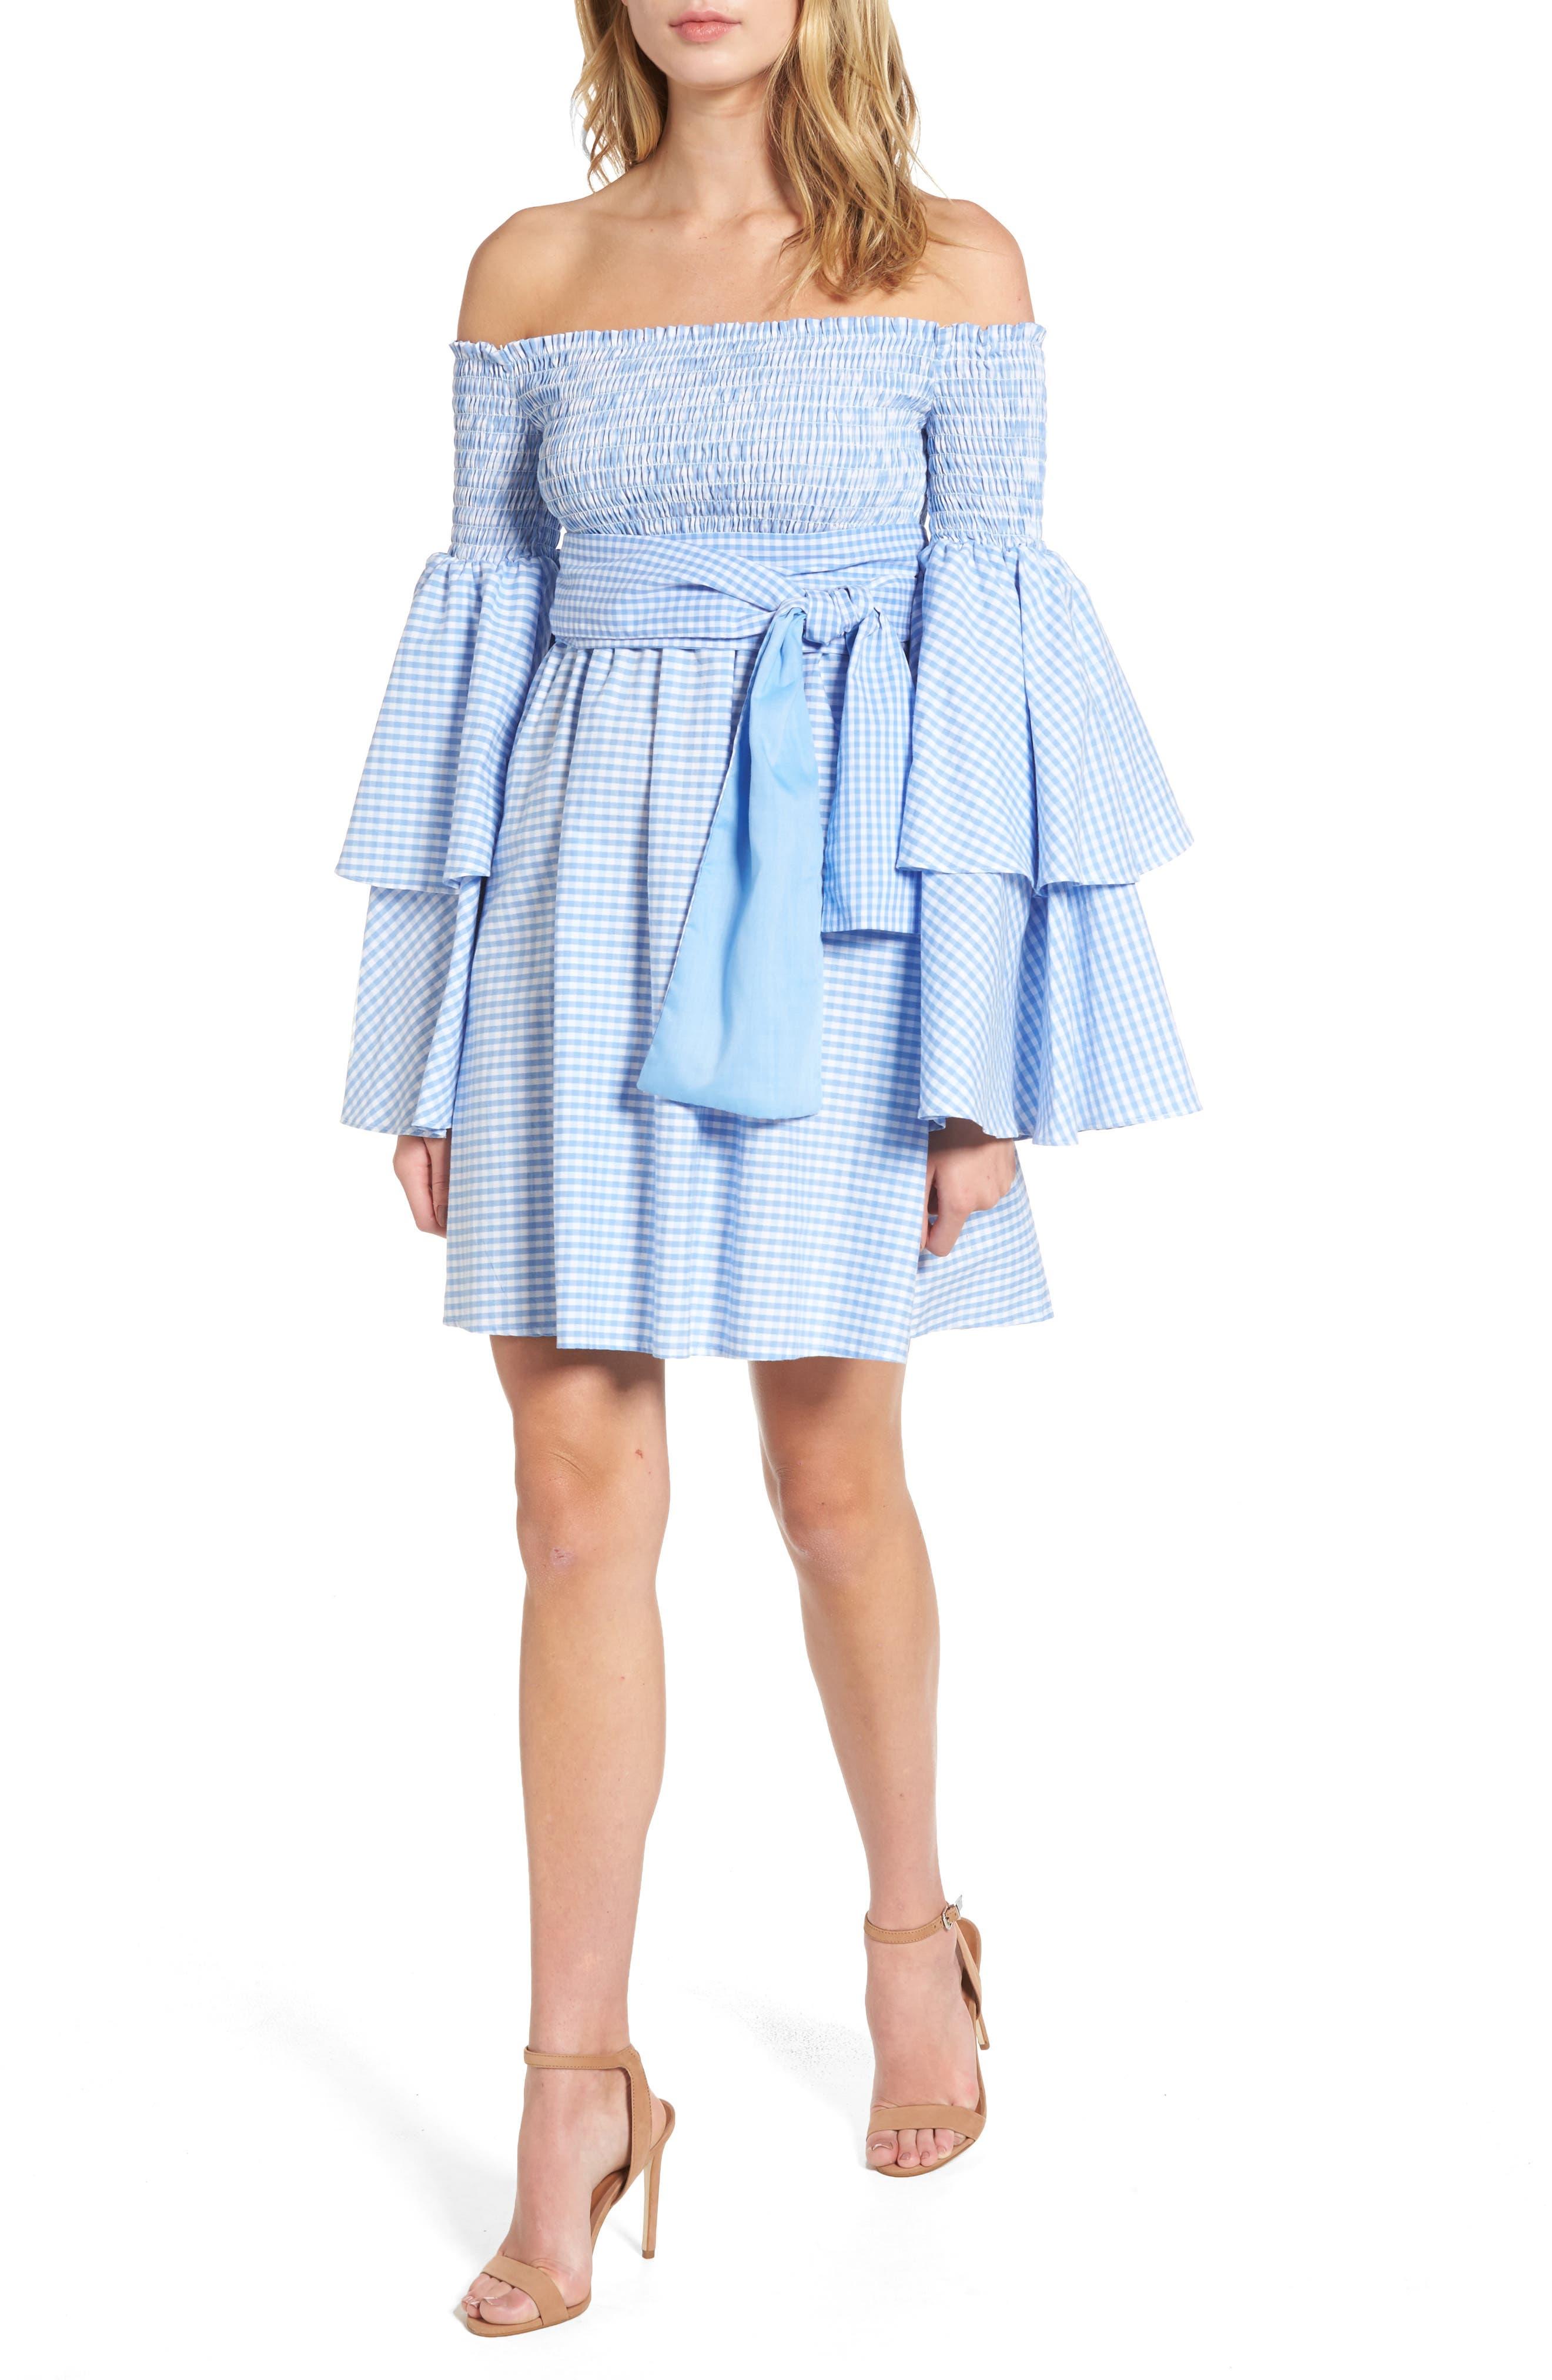 Disco Fever Off the Shoulder Dress,                         Main,                         color, Checkered Sky Blue